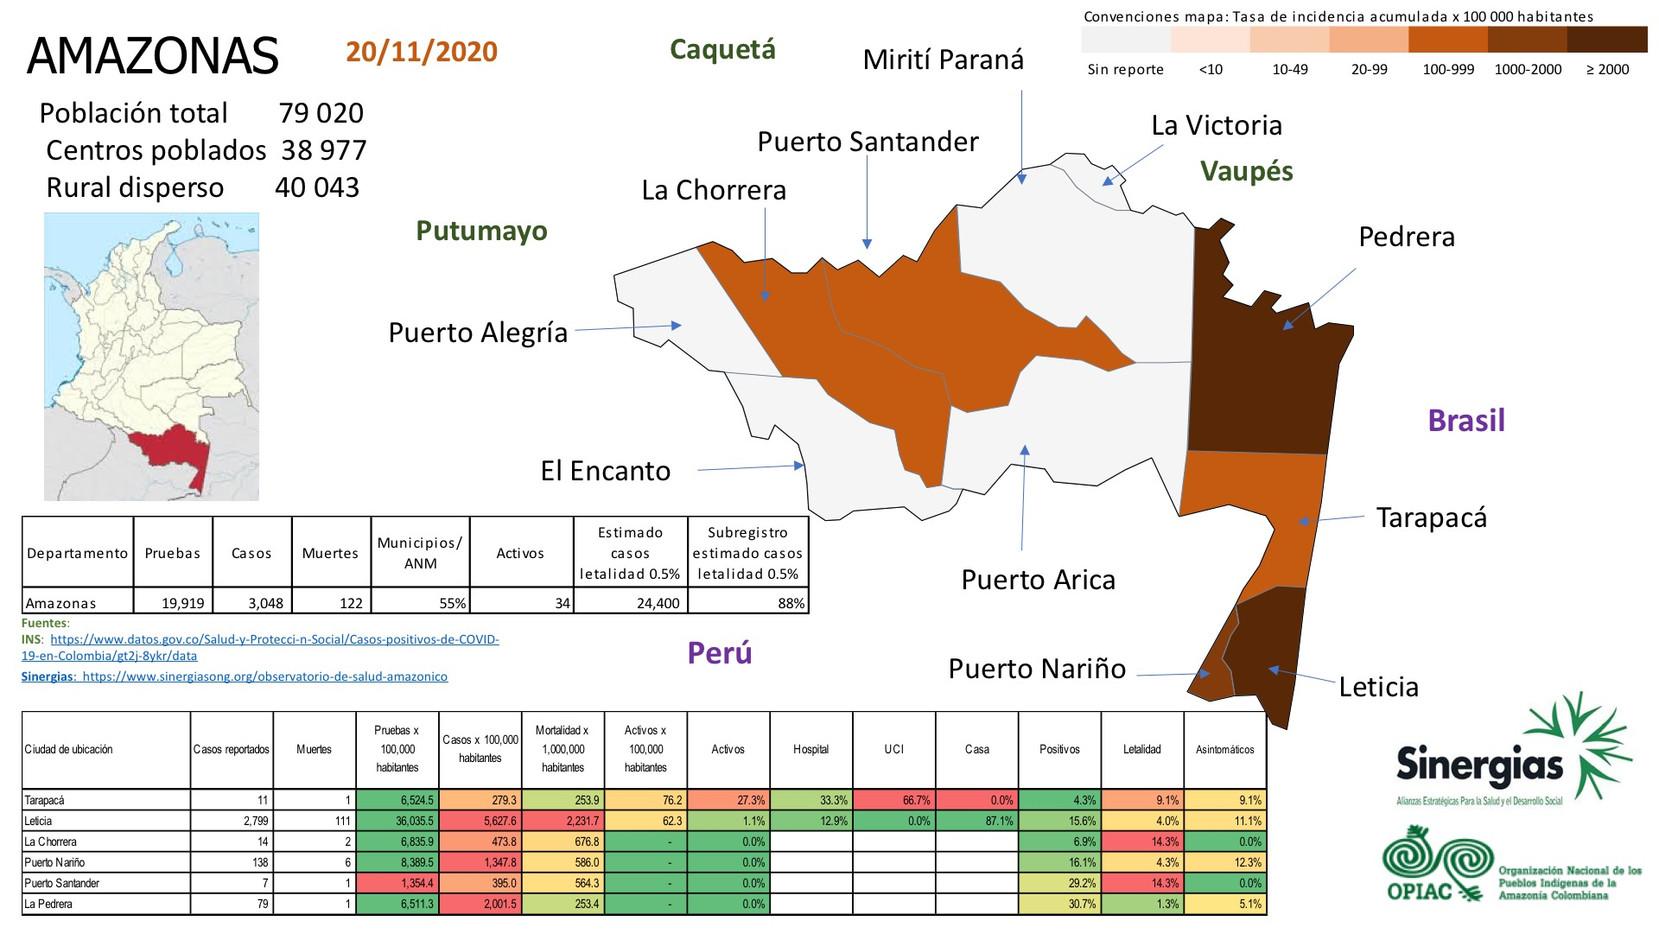 Situación del COVID-19 en el departamento de Amazonas a 23 de noviembre del 2020